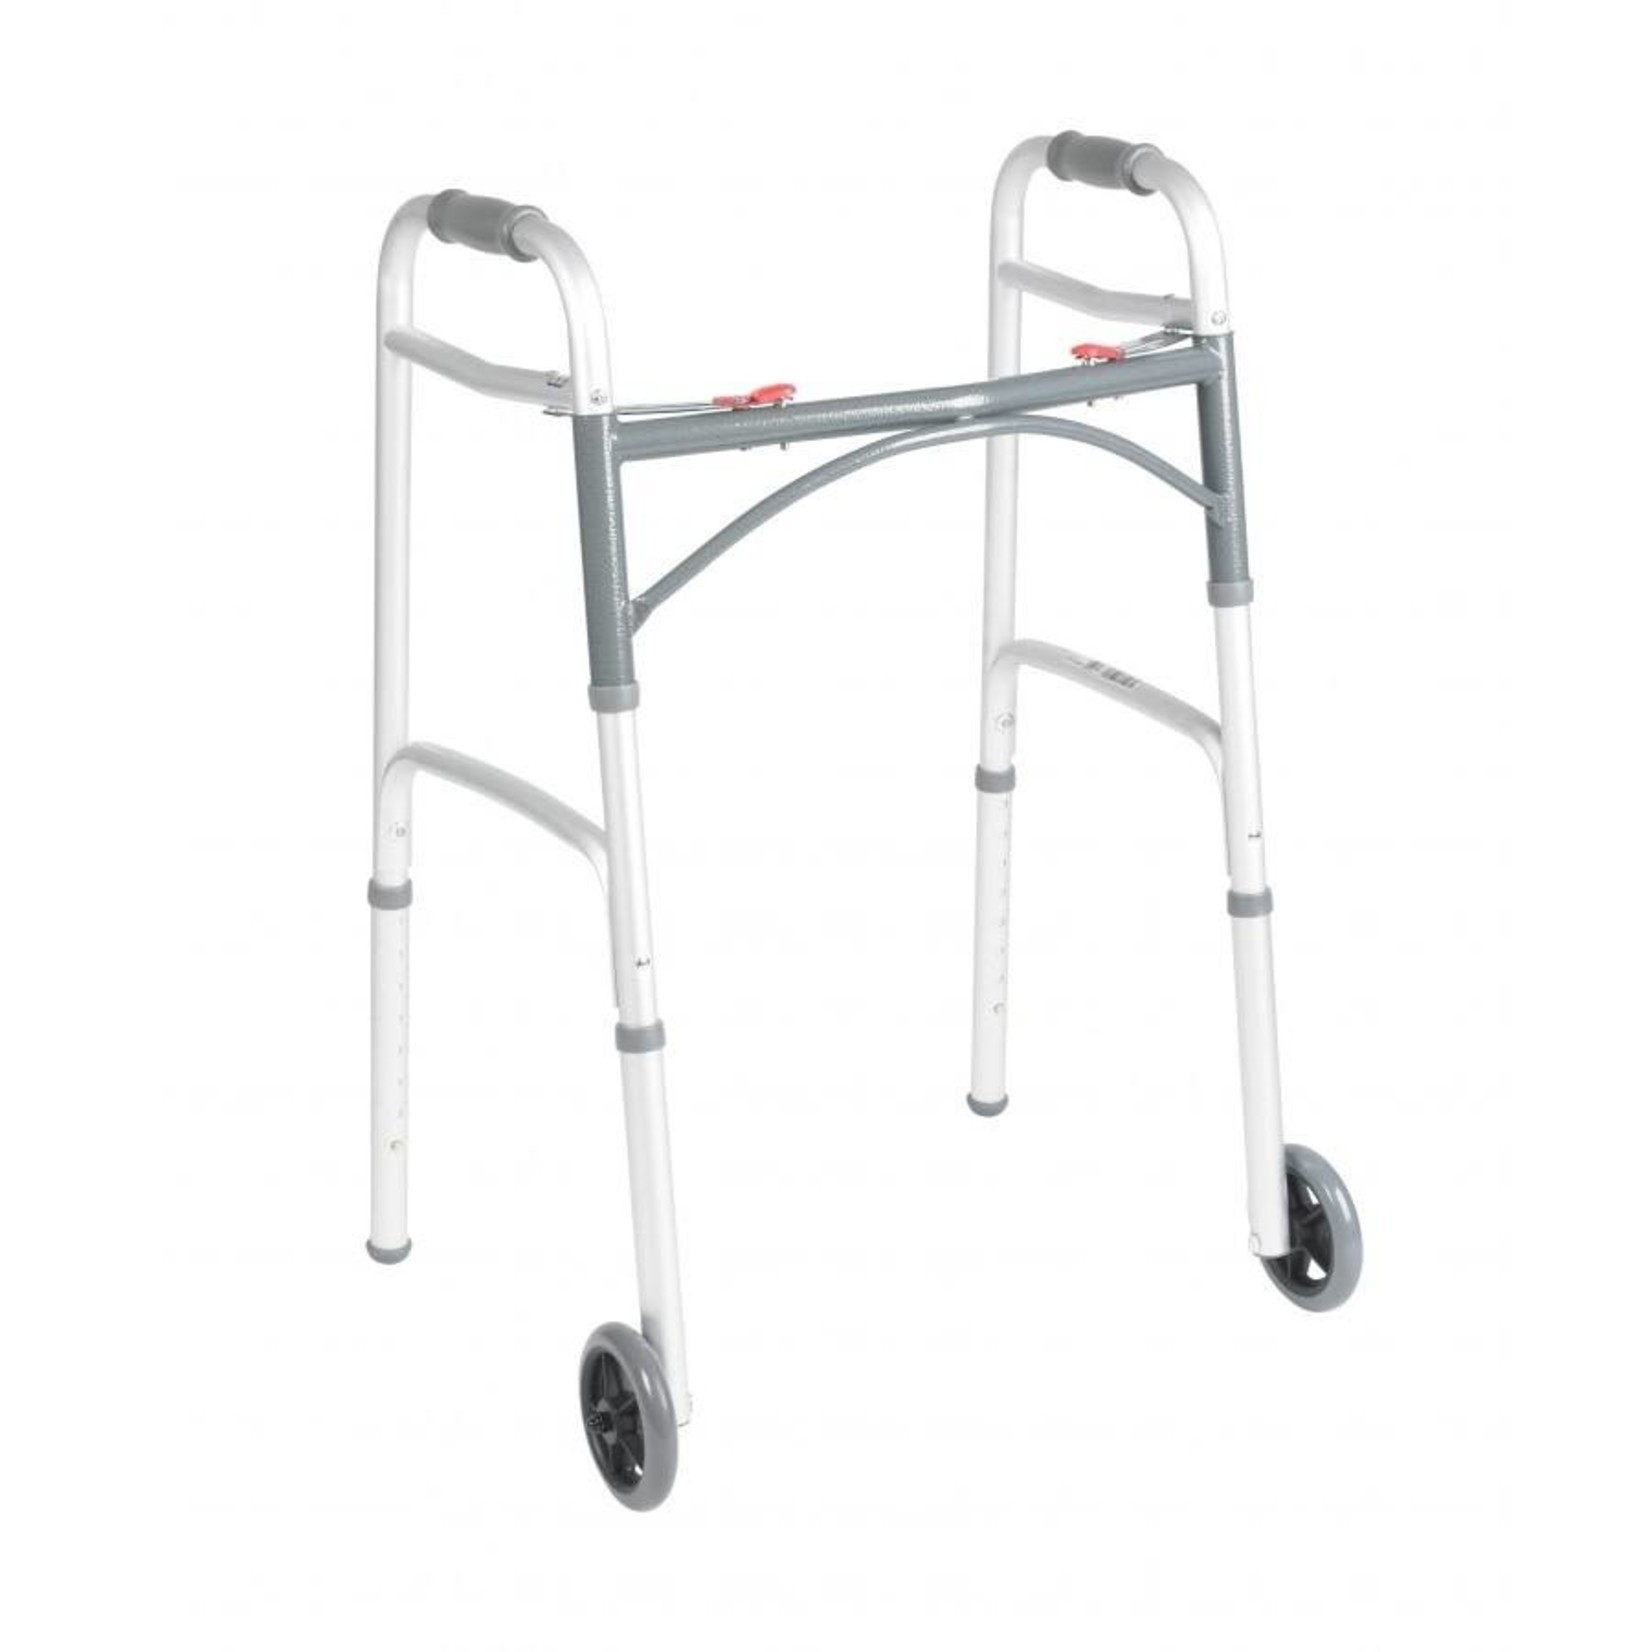 Walker - Standard w/ Wheels